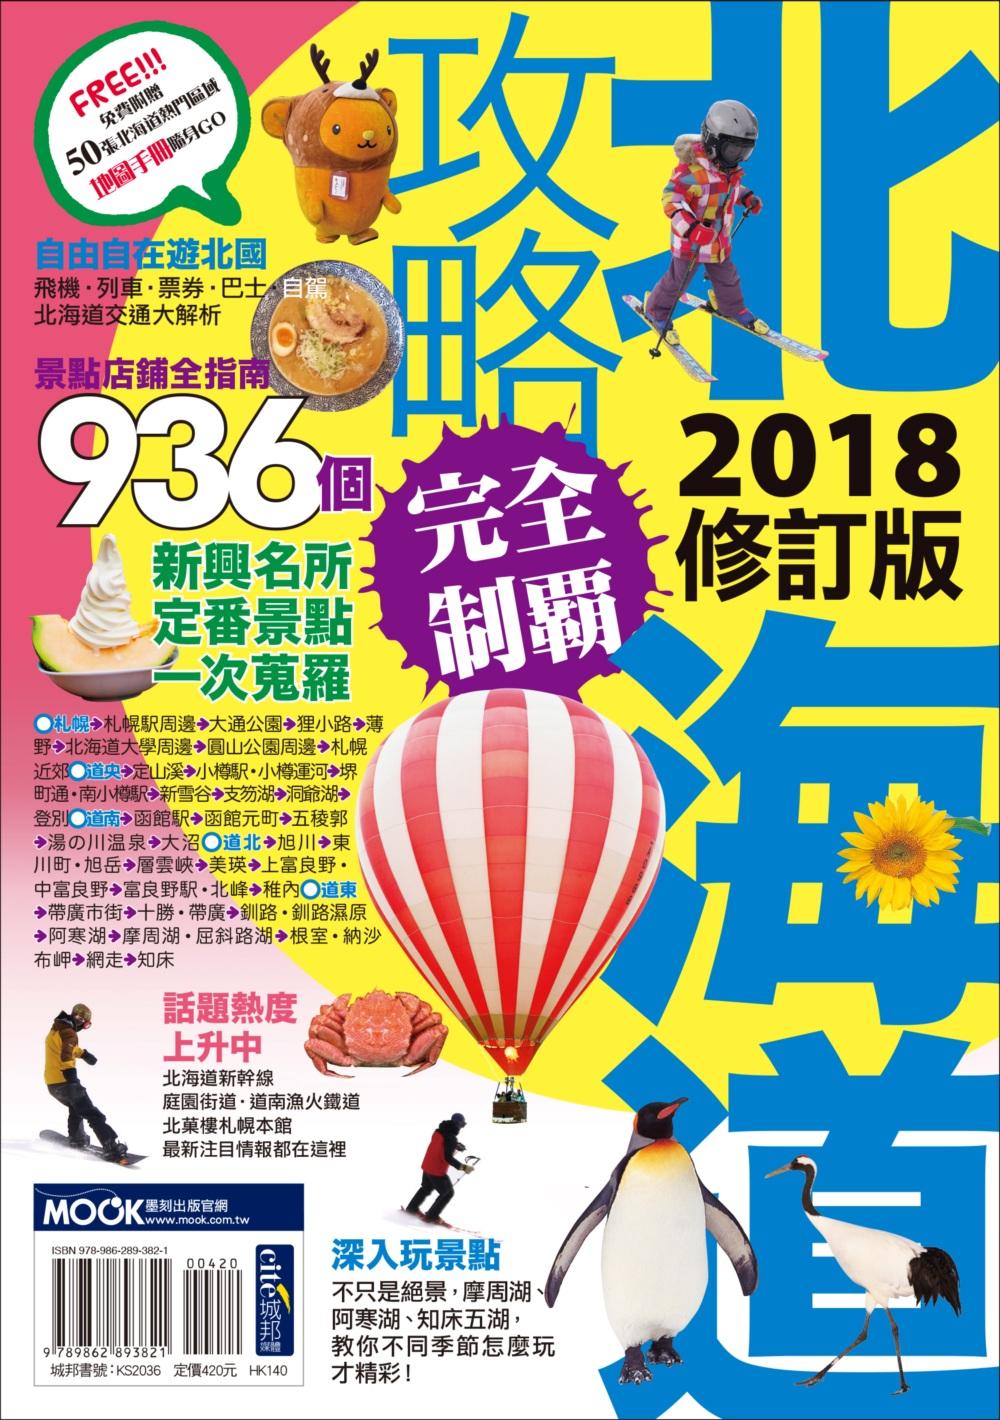 《北海道攻略完全制霸2018》 商品條碼,ISBN:9789862893821